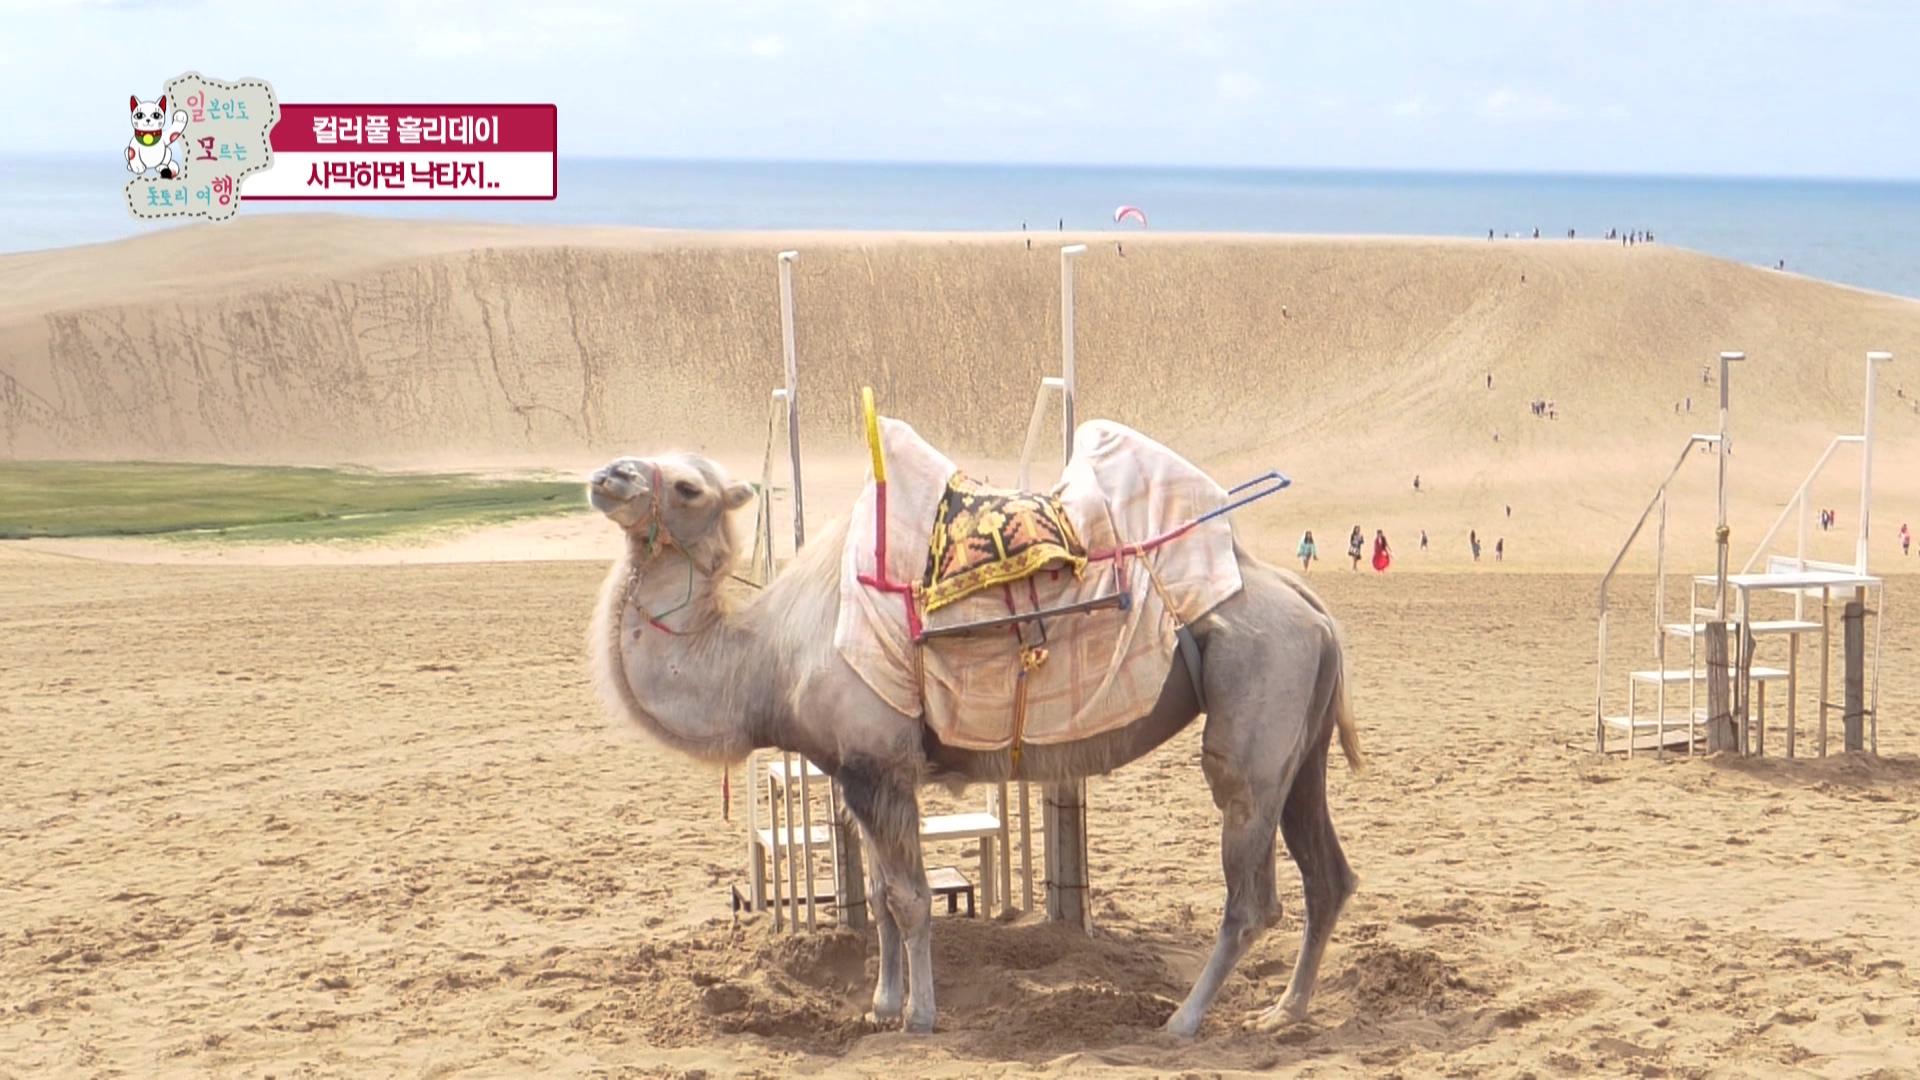 6화 DAY3: 돗토리 해안 사구 -> 모래 미술관 -> 돗토리현 이와미군(날치잡이)